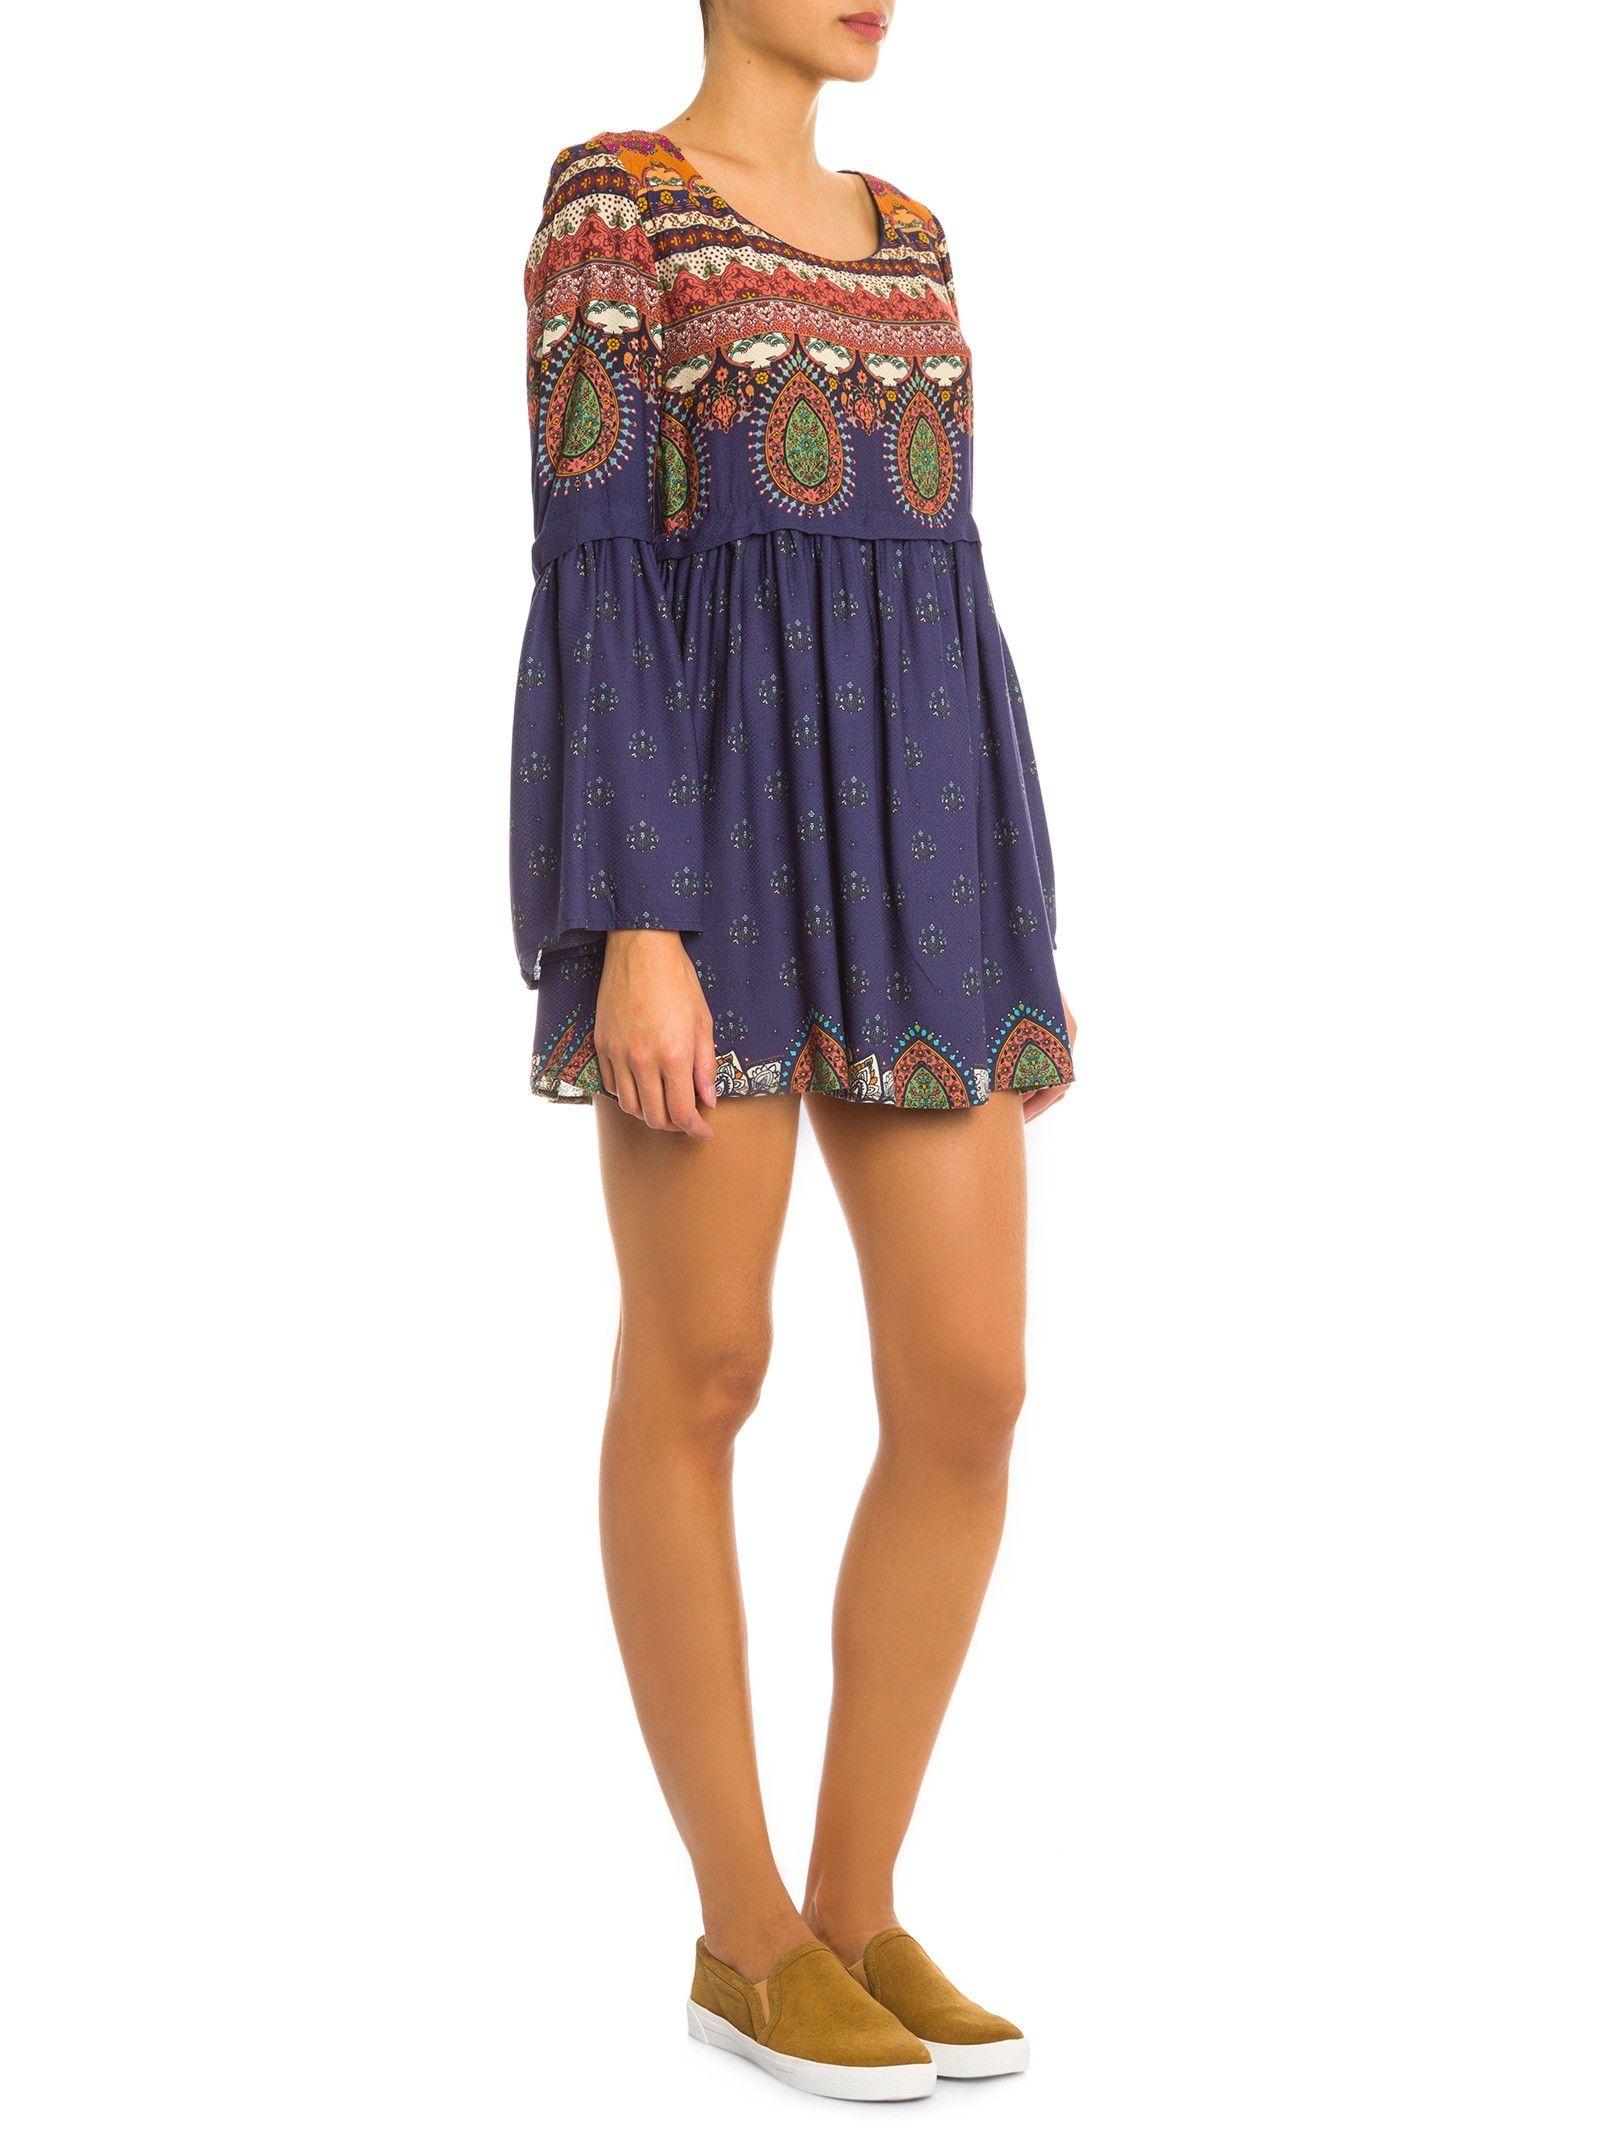 Vestido Curto Etniquita - Farm - Azul - Shop2gether